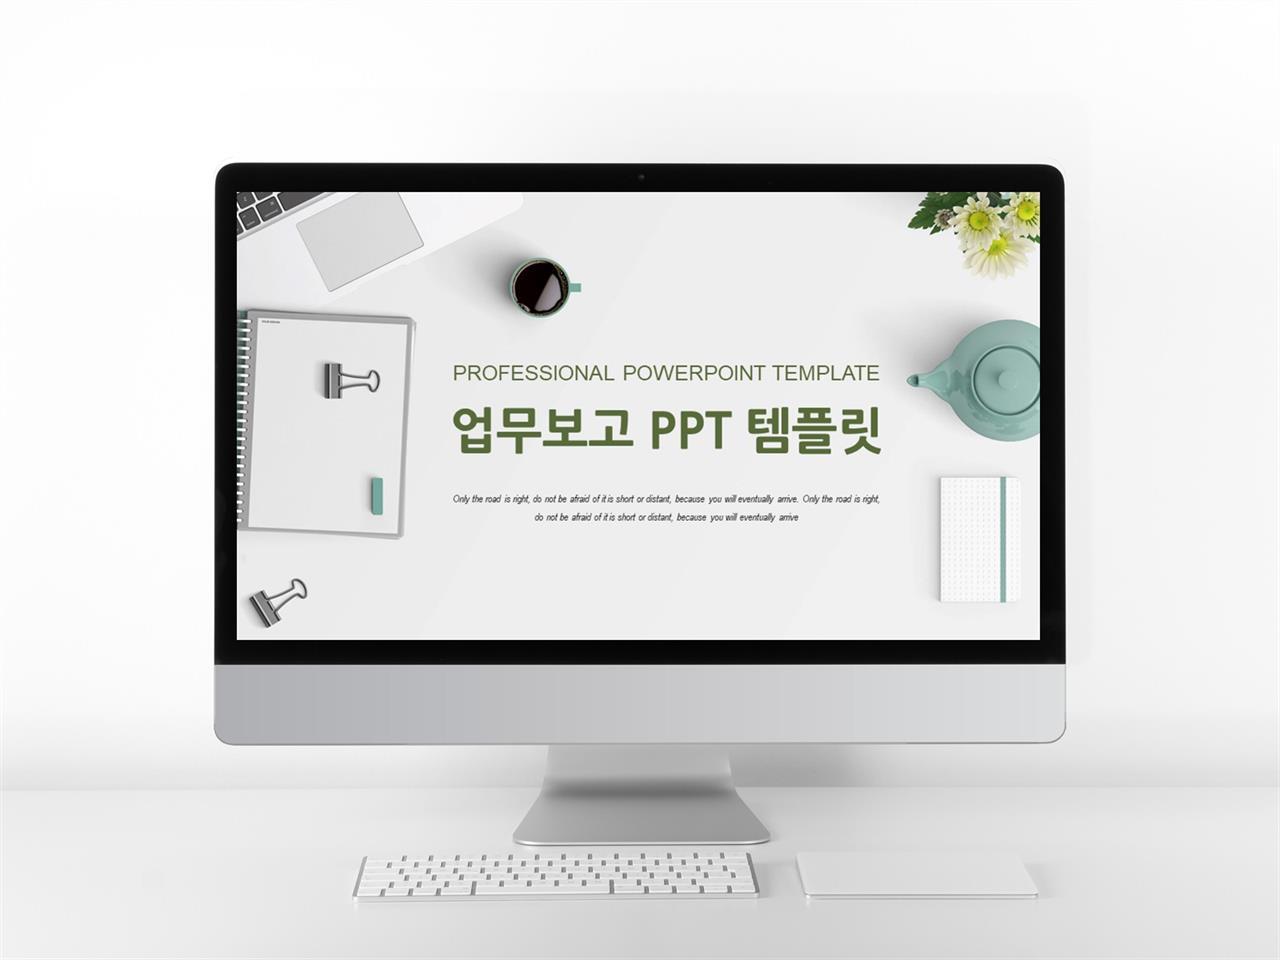 업무보고 녹색 정결한 다양한 주제에 어울리는 파워포인트테마 디자인 미리보기